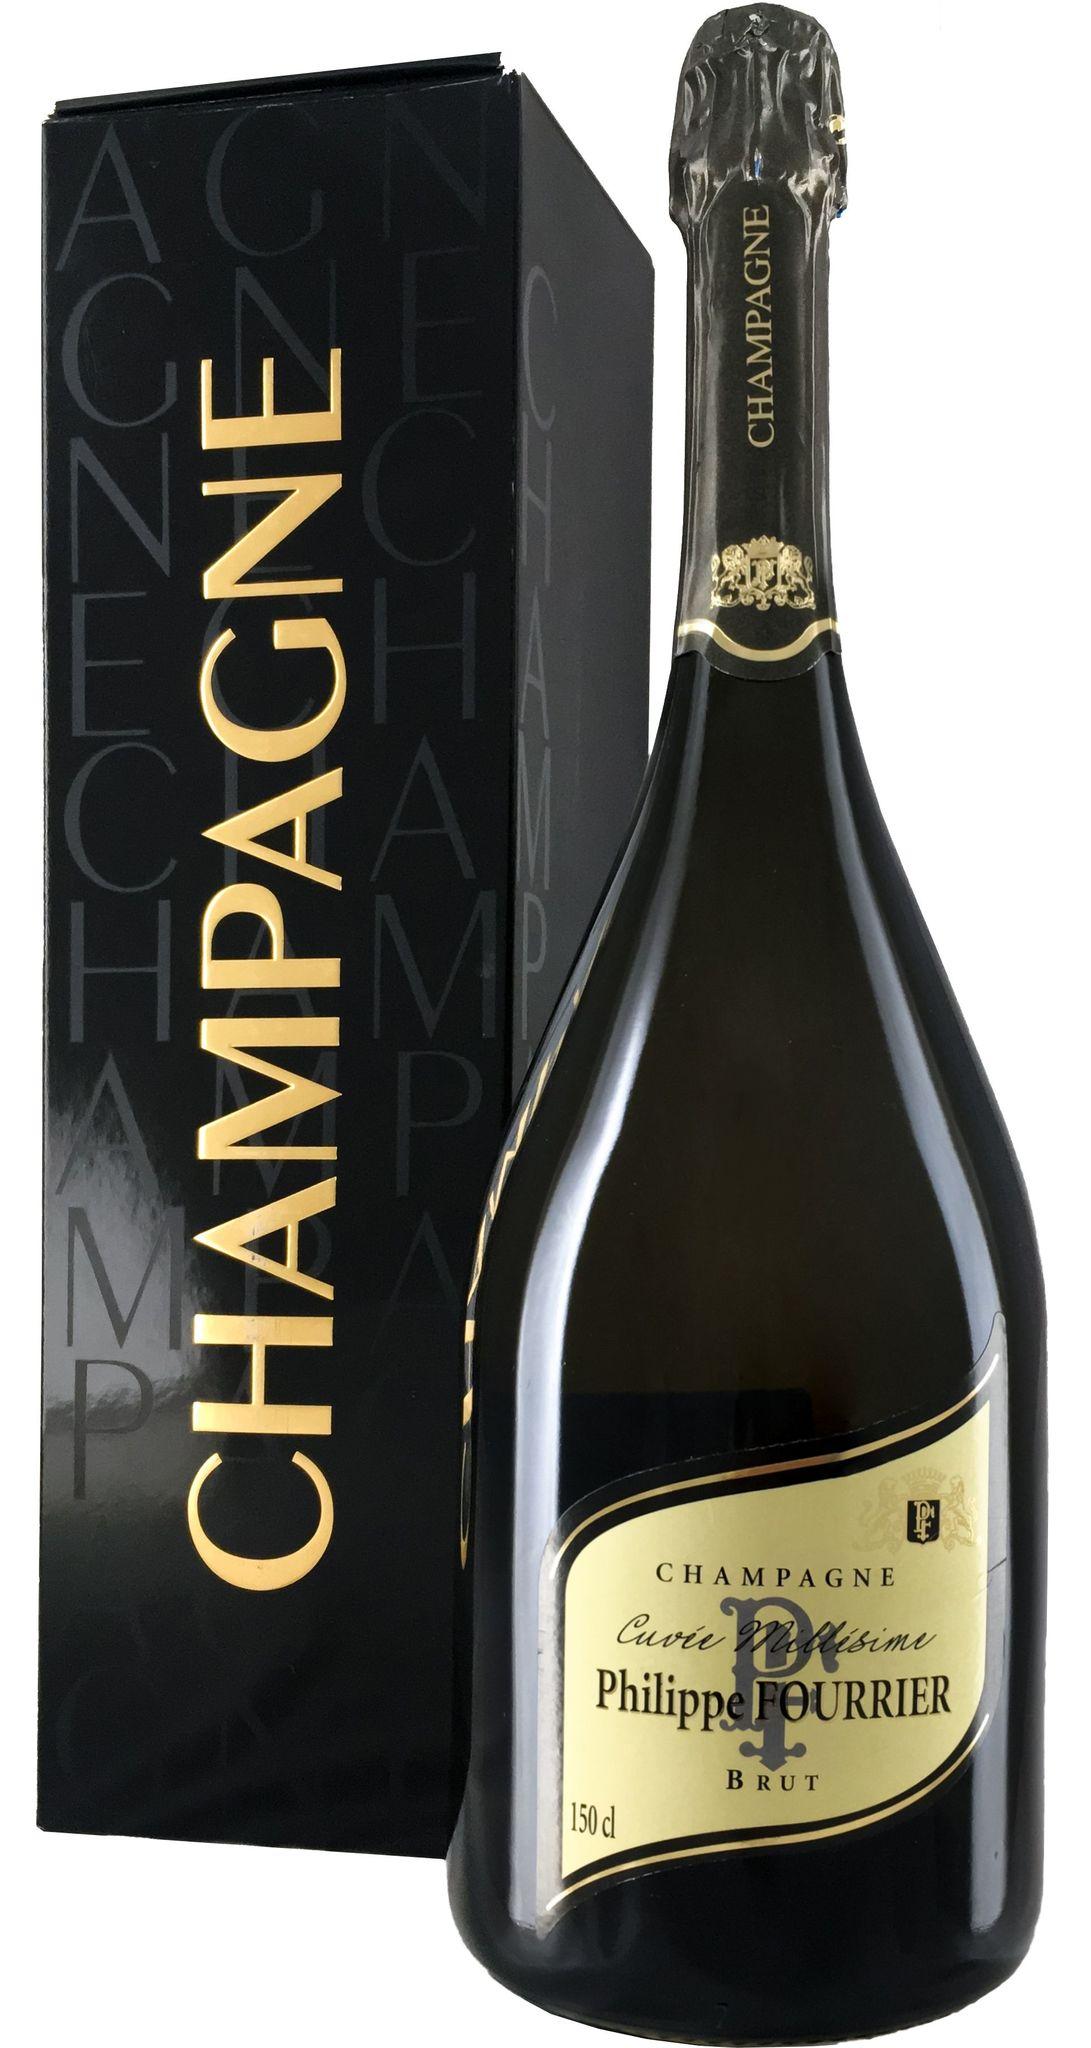 Шампанское Филипп Фурье Миллезим 2013 брют белое з.н.м.п регион Шампань 1,5л. П/У